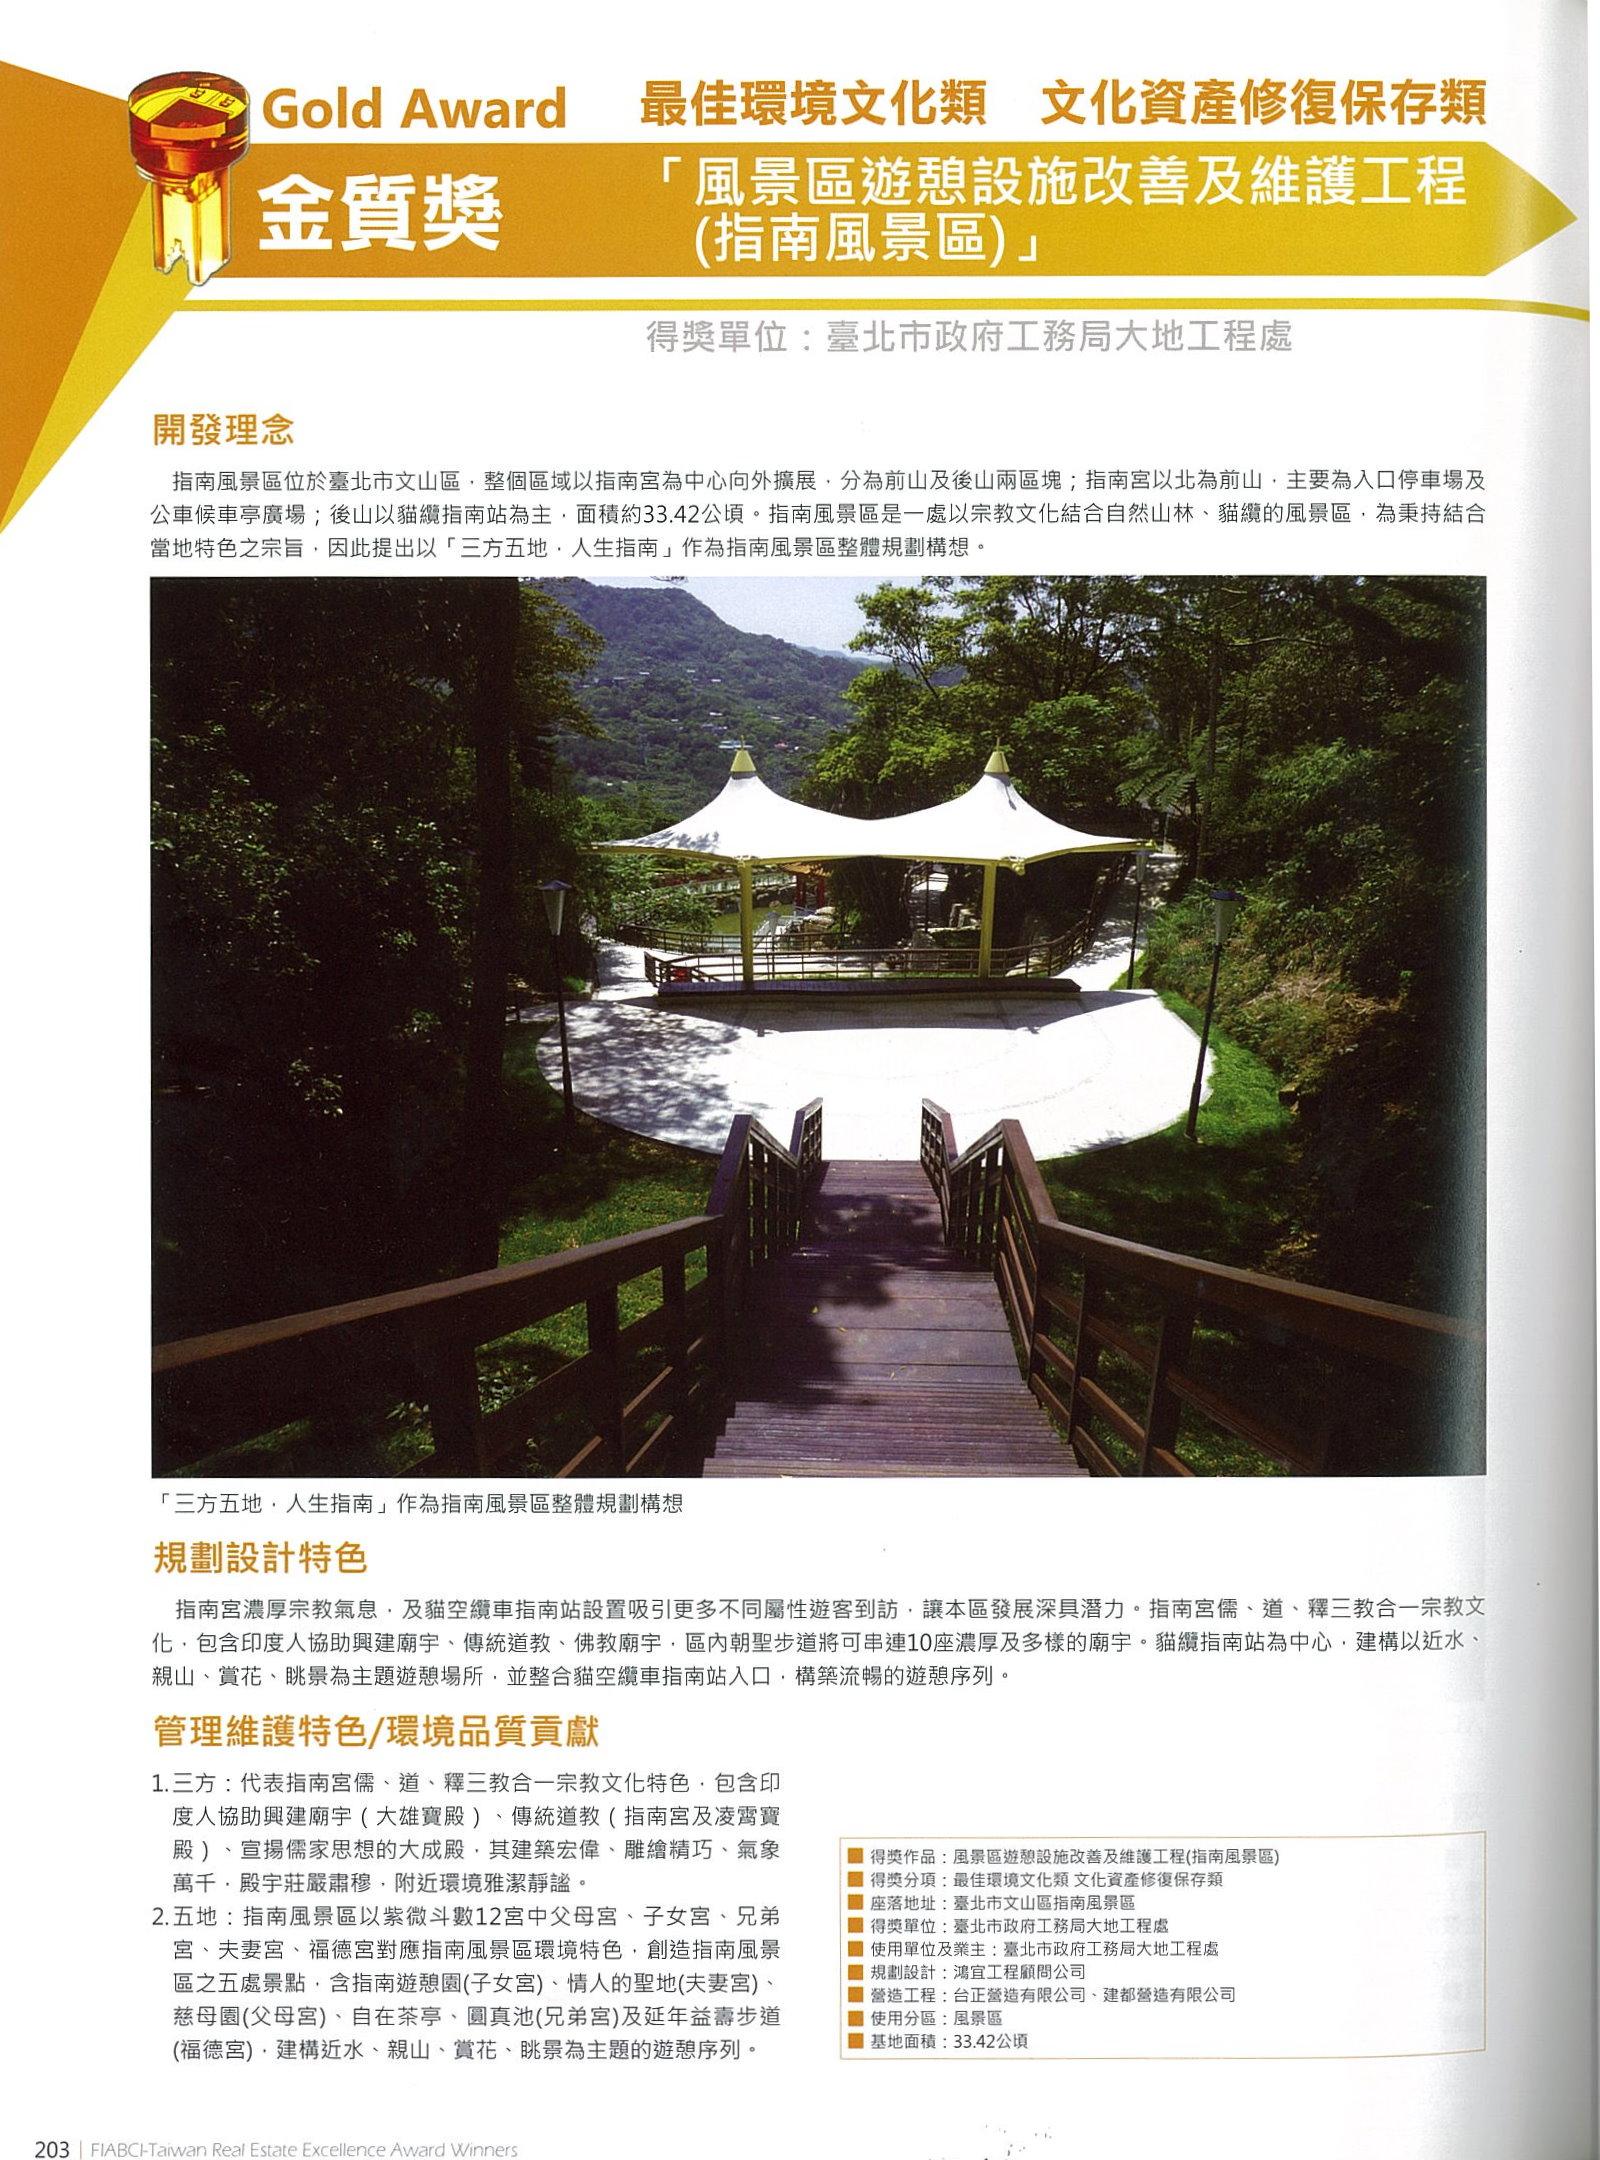 2012國家卓越建設獎-指南風景區